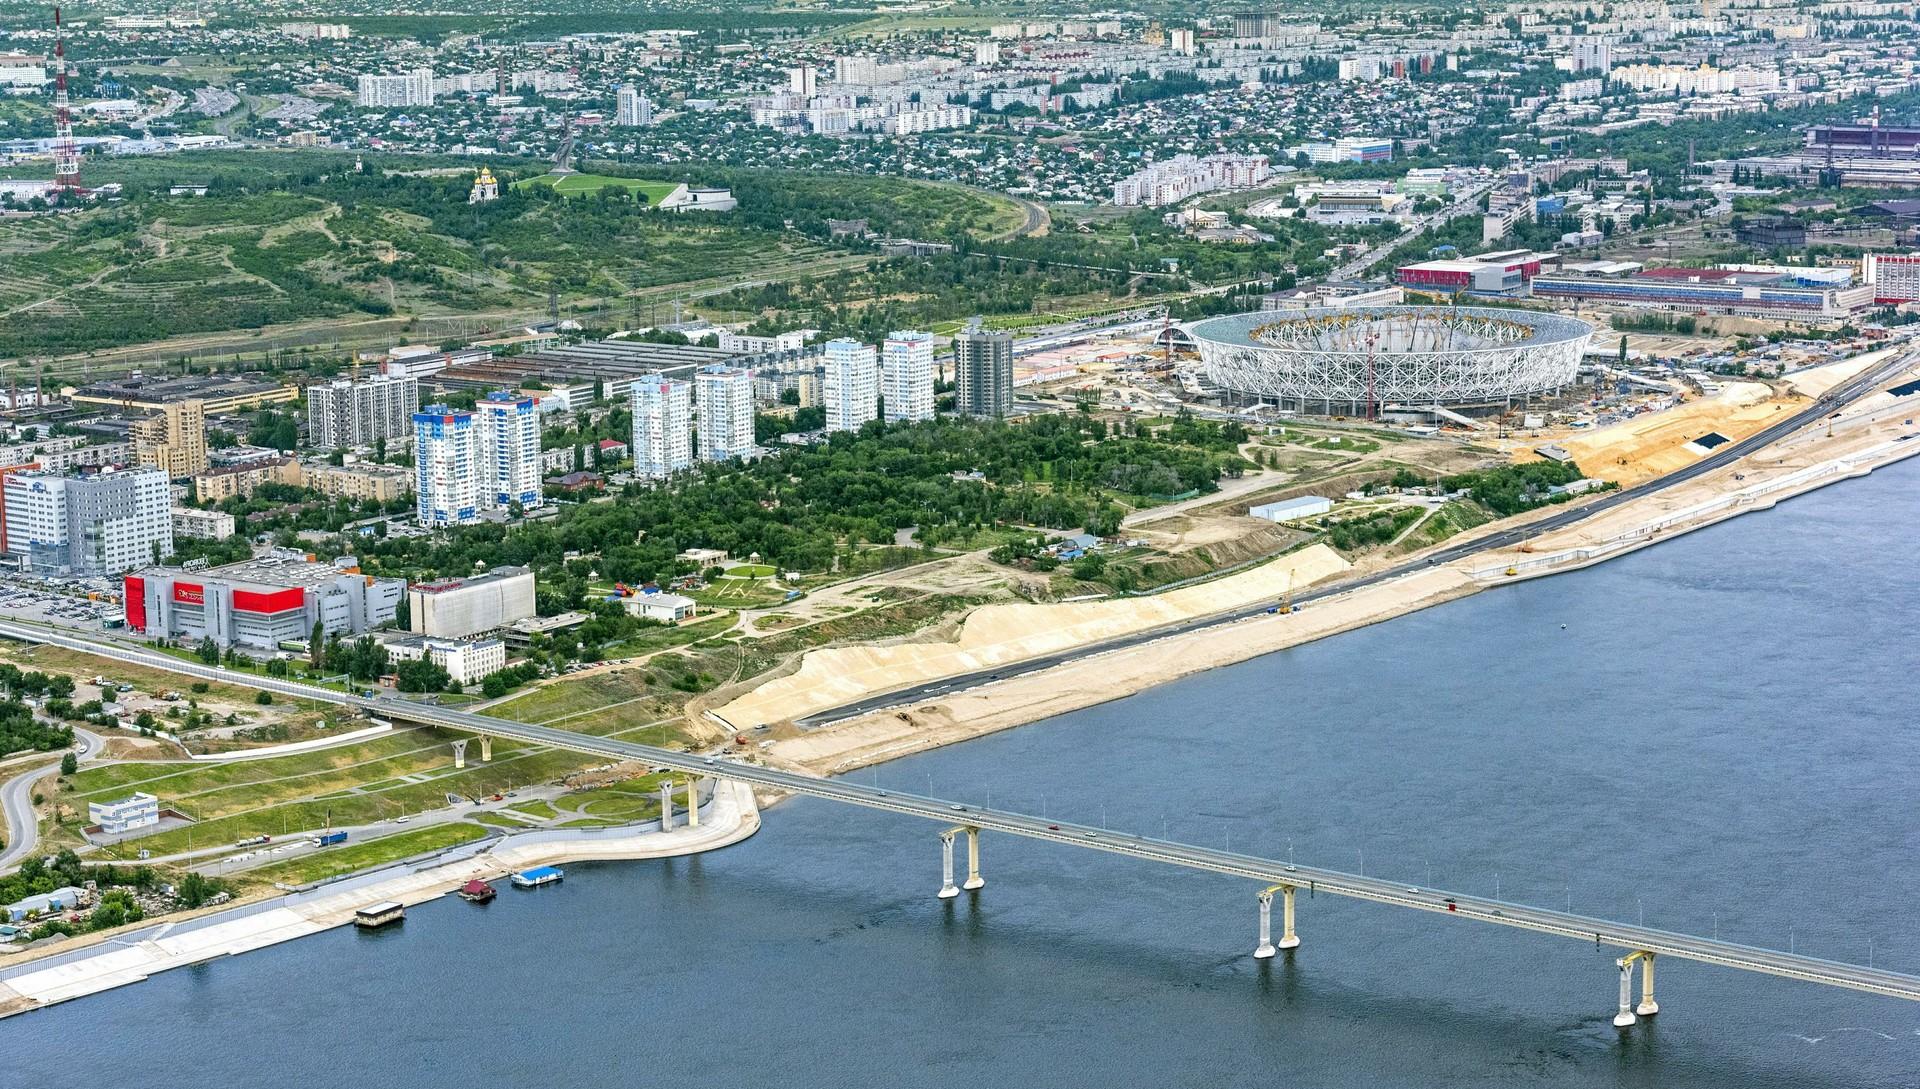 Pemandangan Volgogradskaya oblast dari atas.